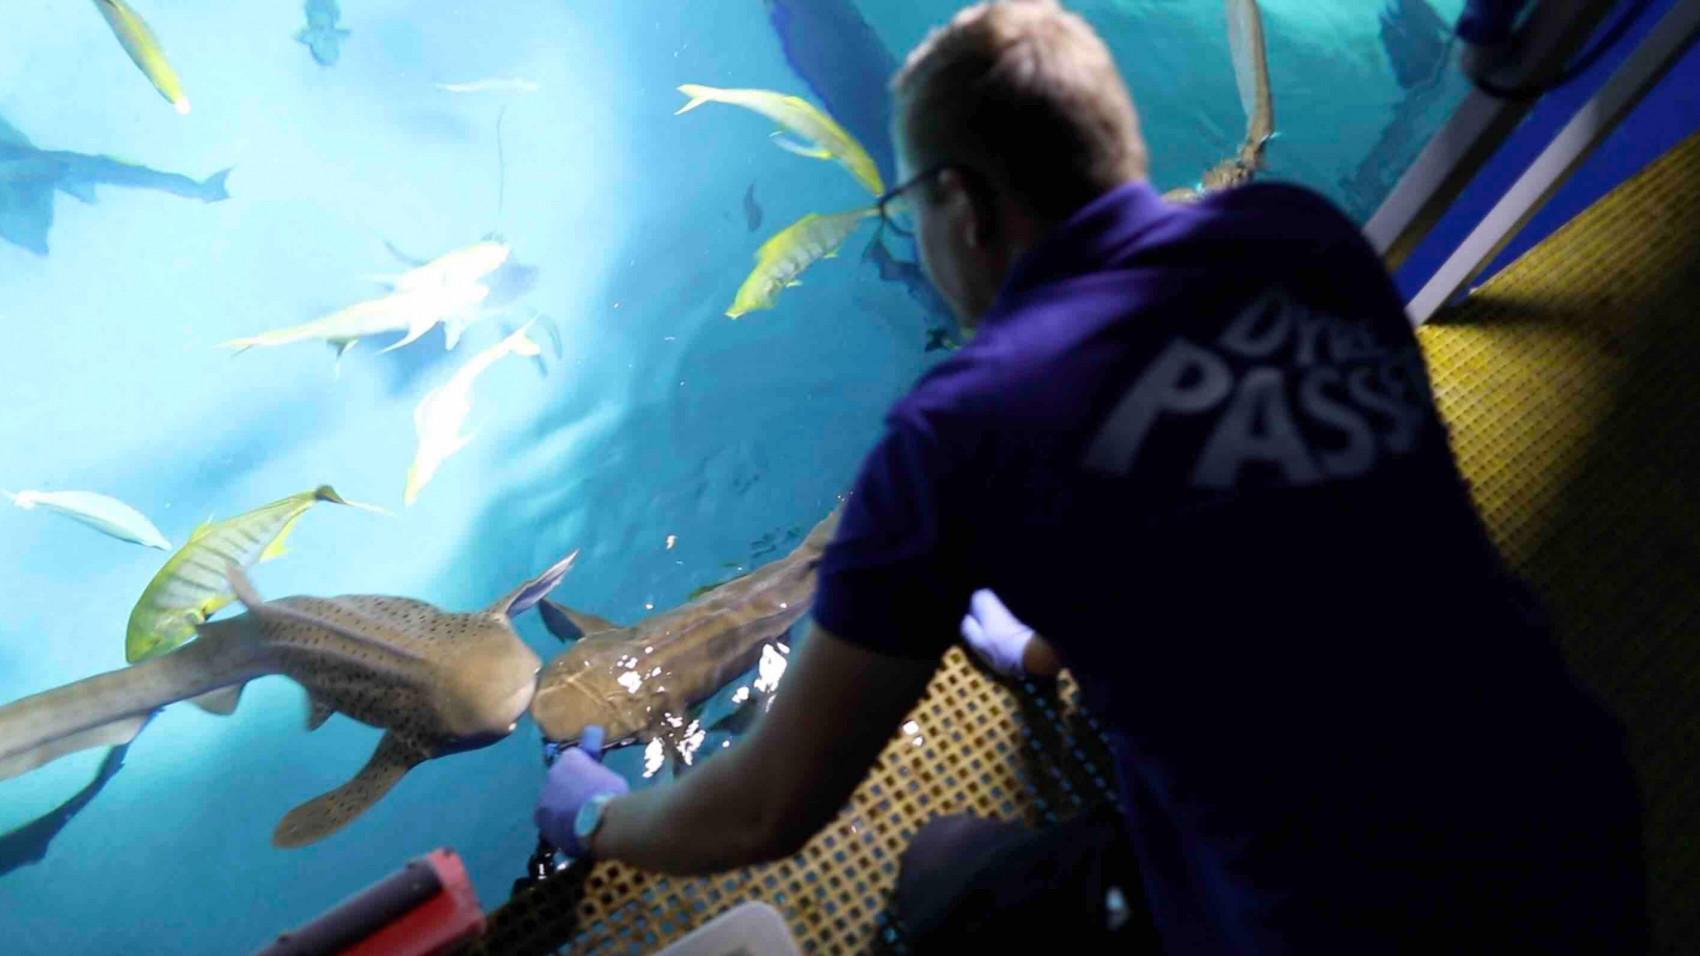 Se dyrepasserne komme helt tæt på hajernes bisser